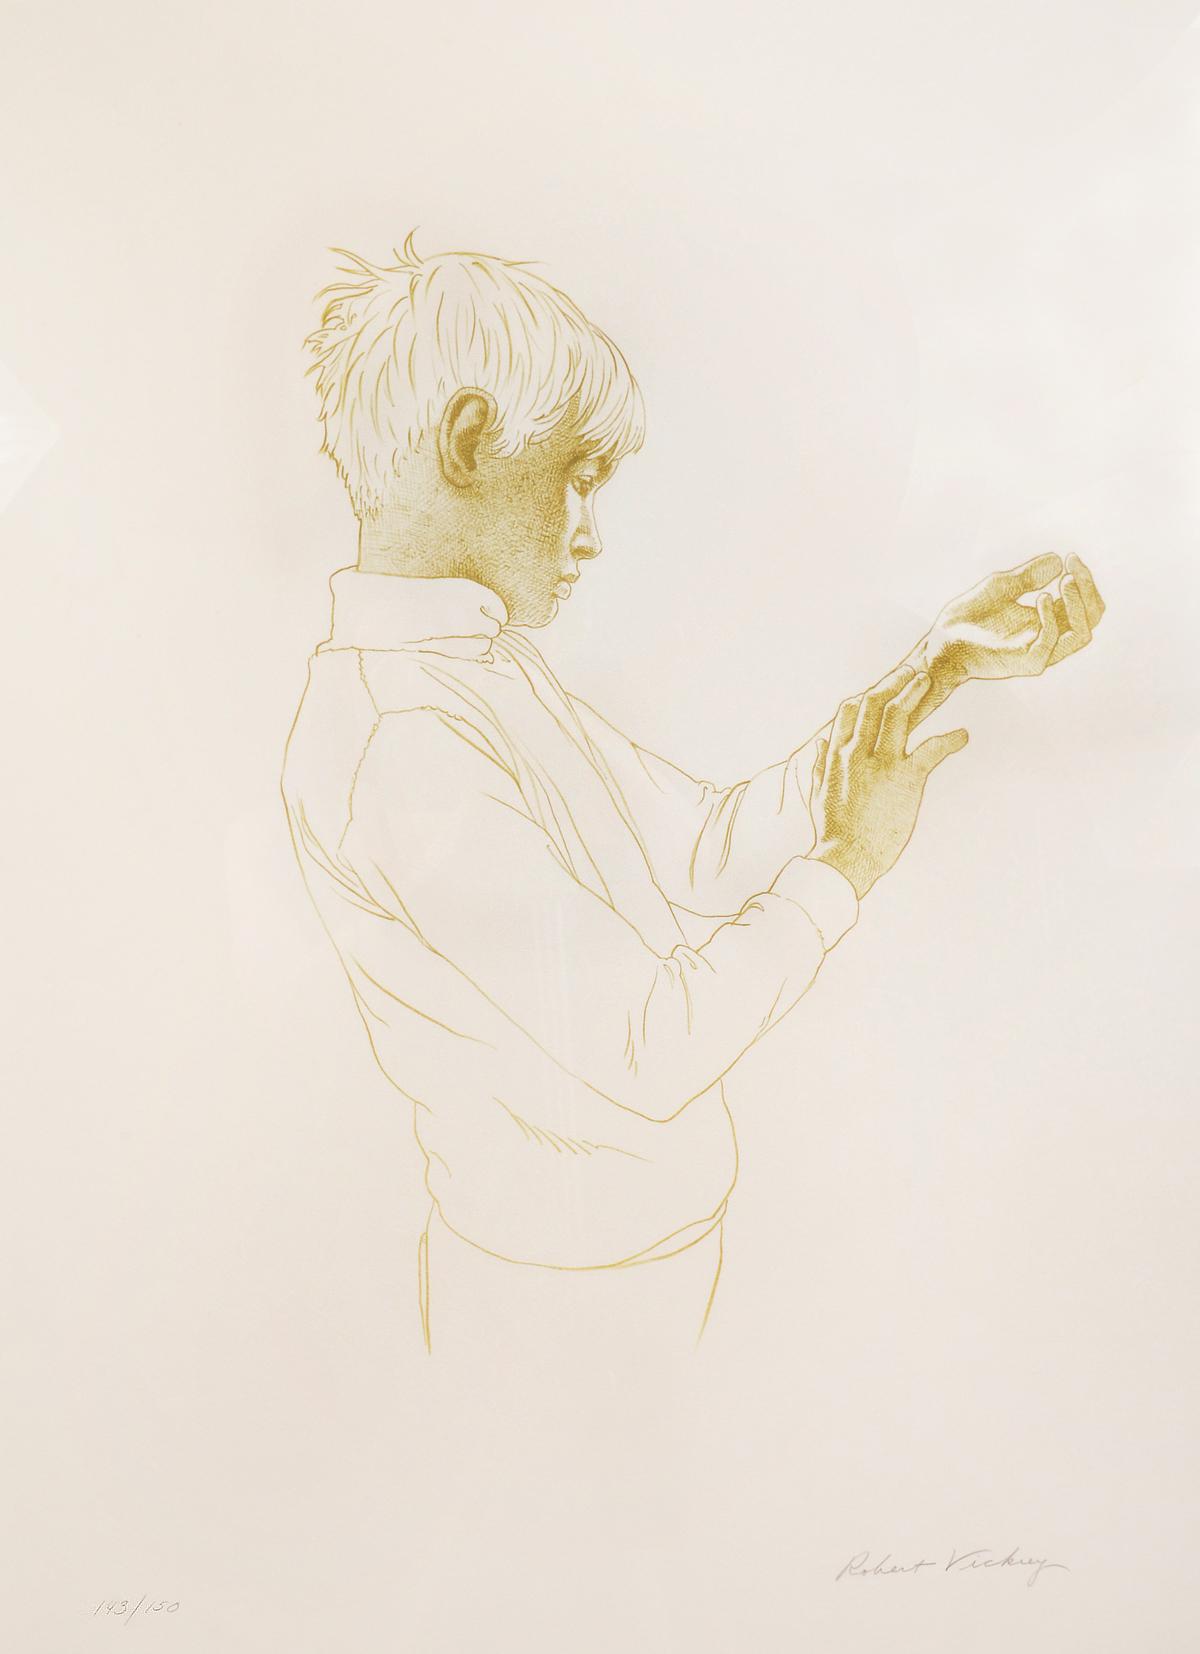 Boy Examining Wrist